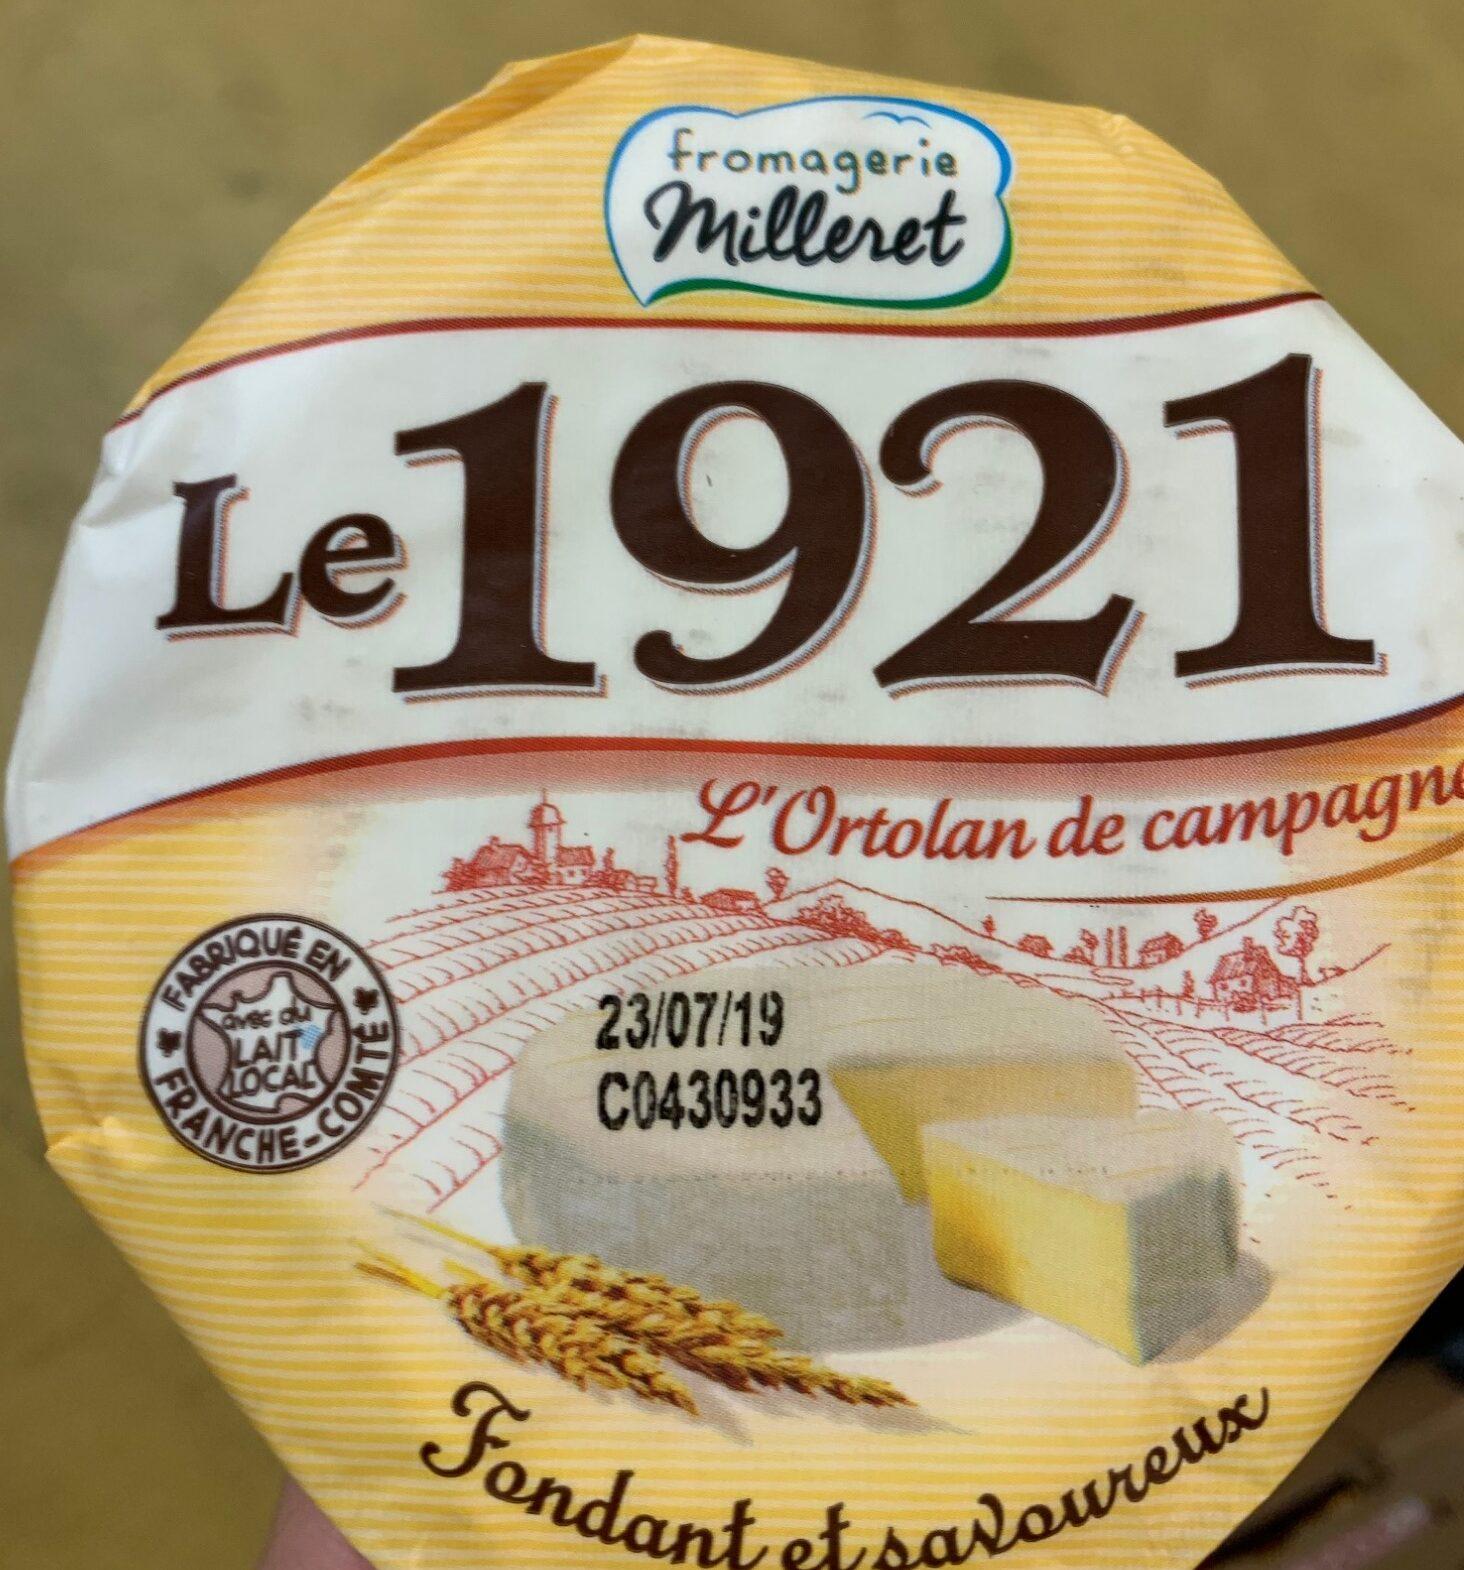 Le 1921 - l'Ortolan - Produit - fr